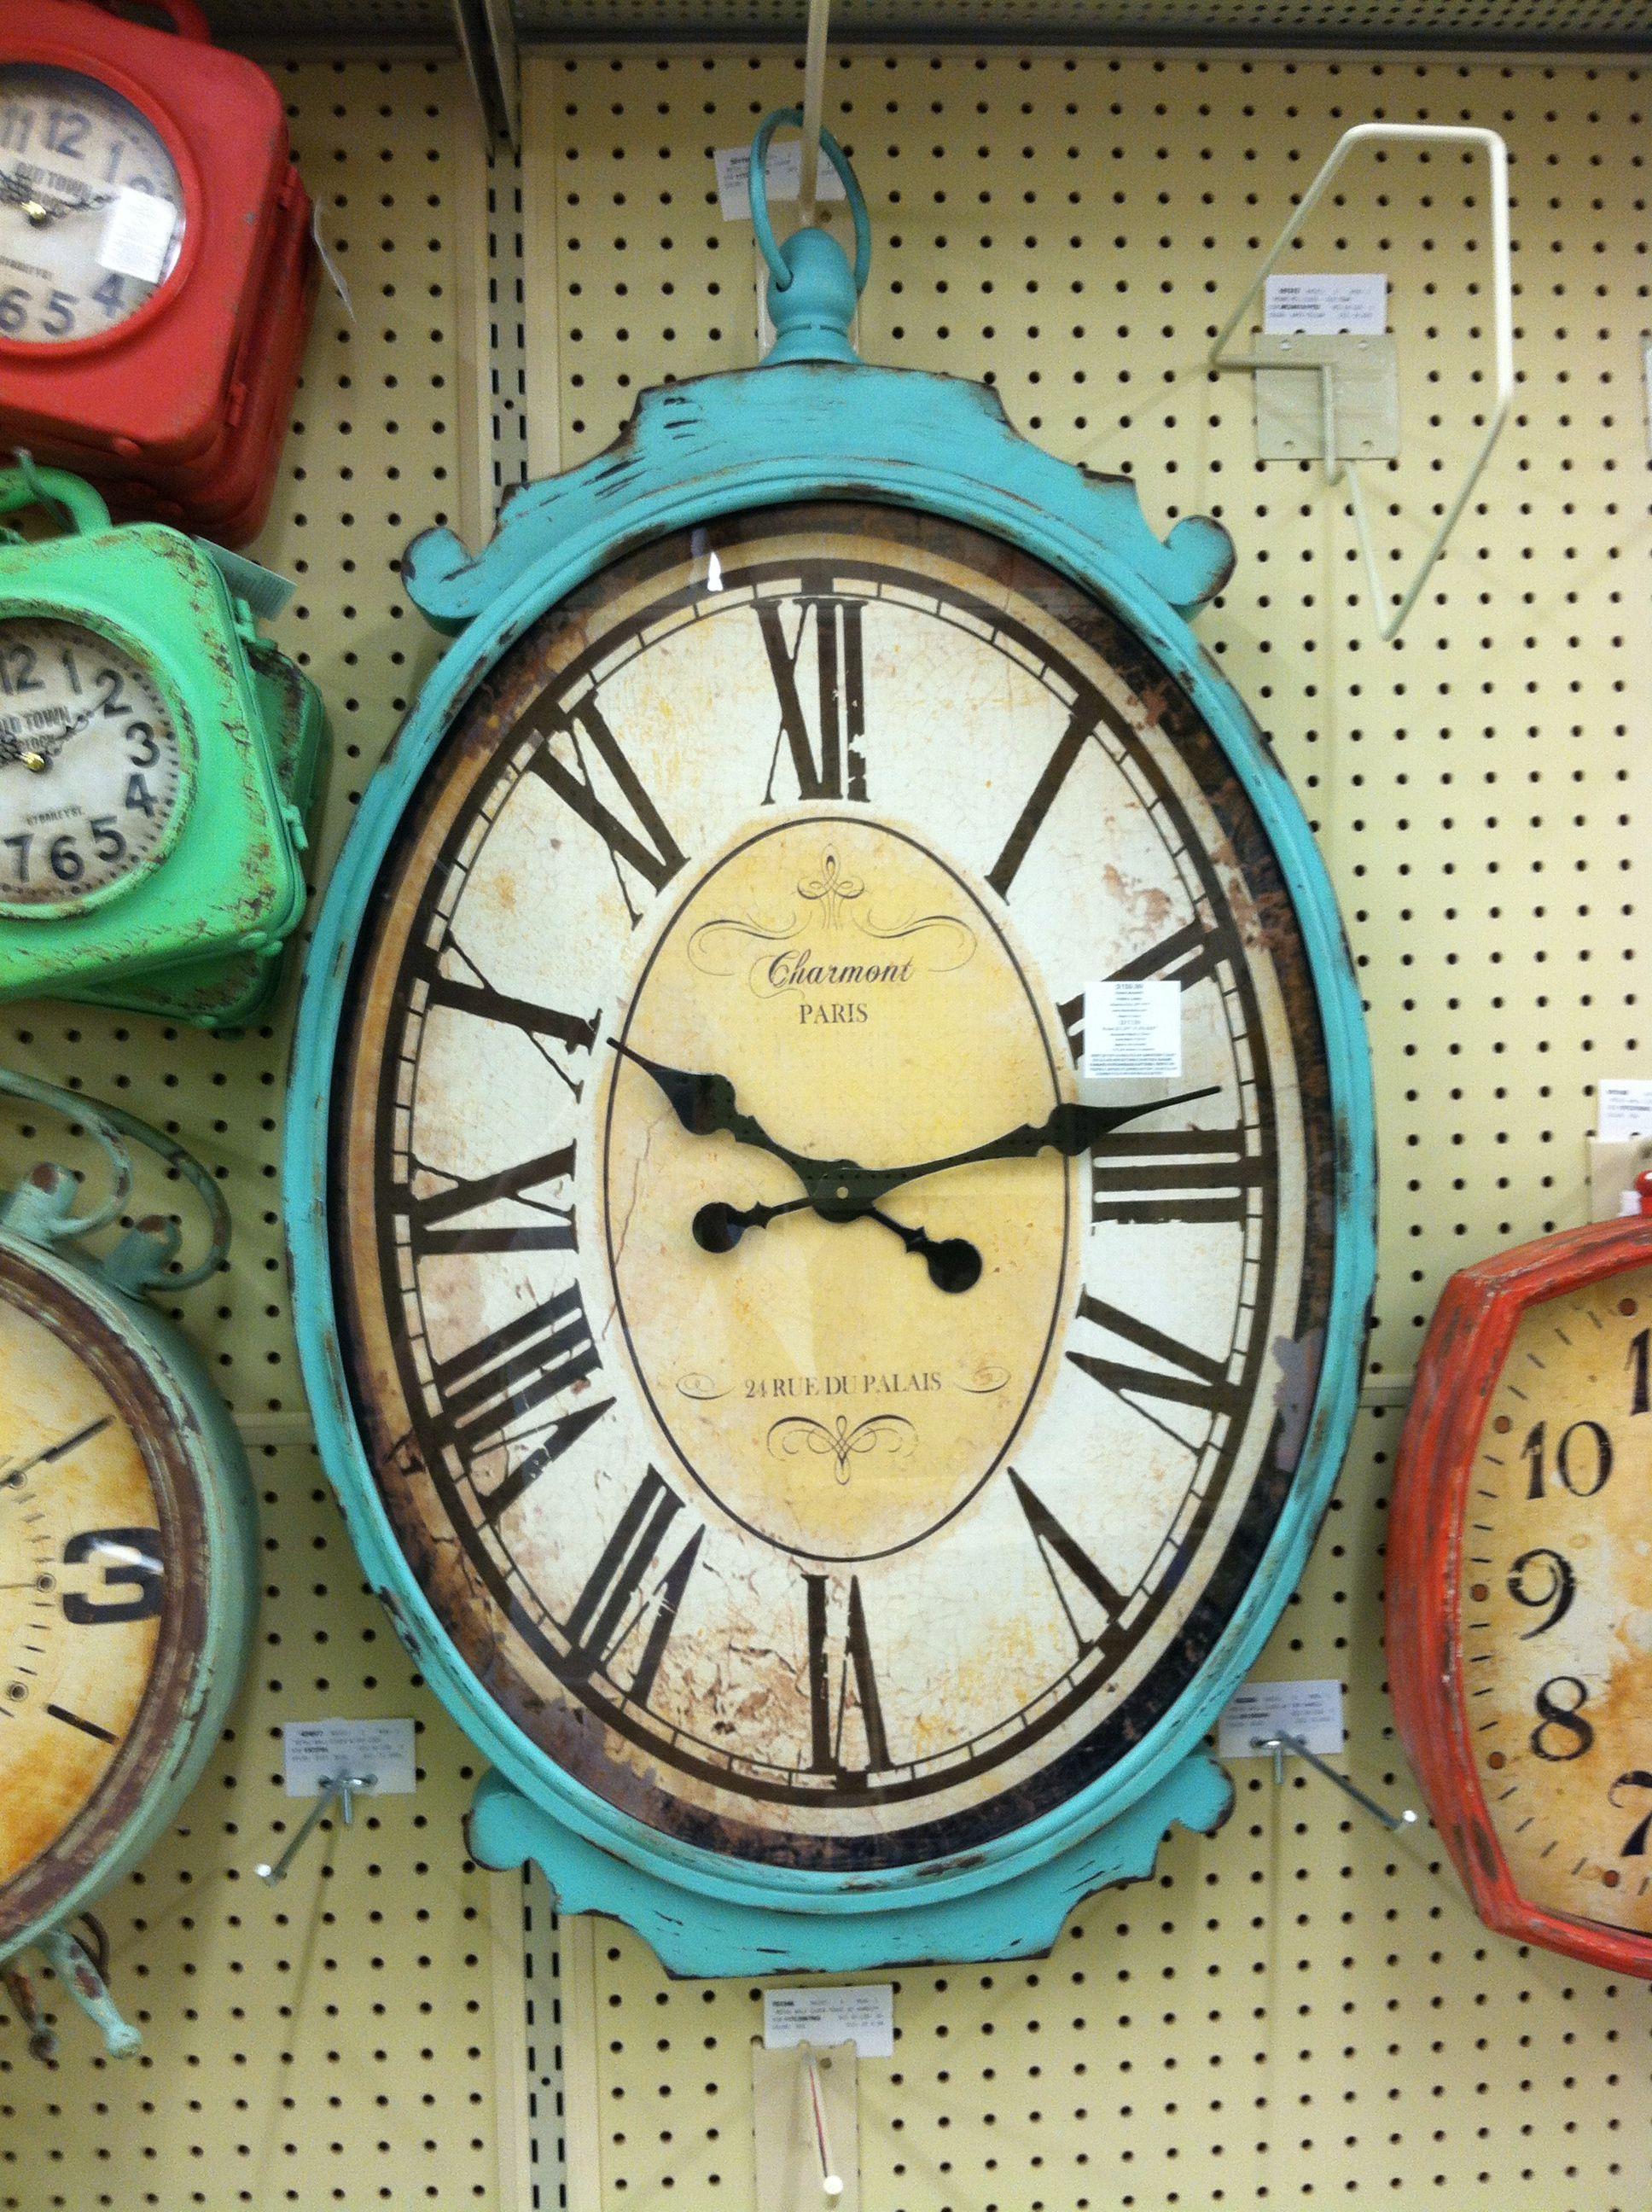 Large Wall Clocks At Hobby Lobby Large Wall Clock Old Town Clock Clock